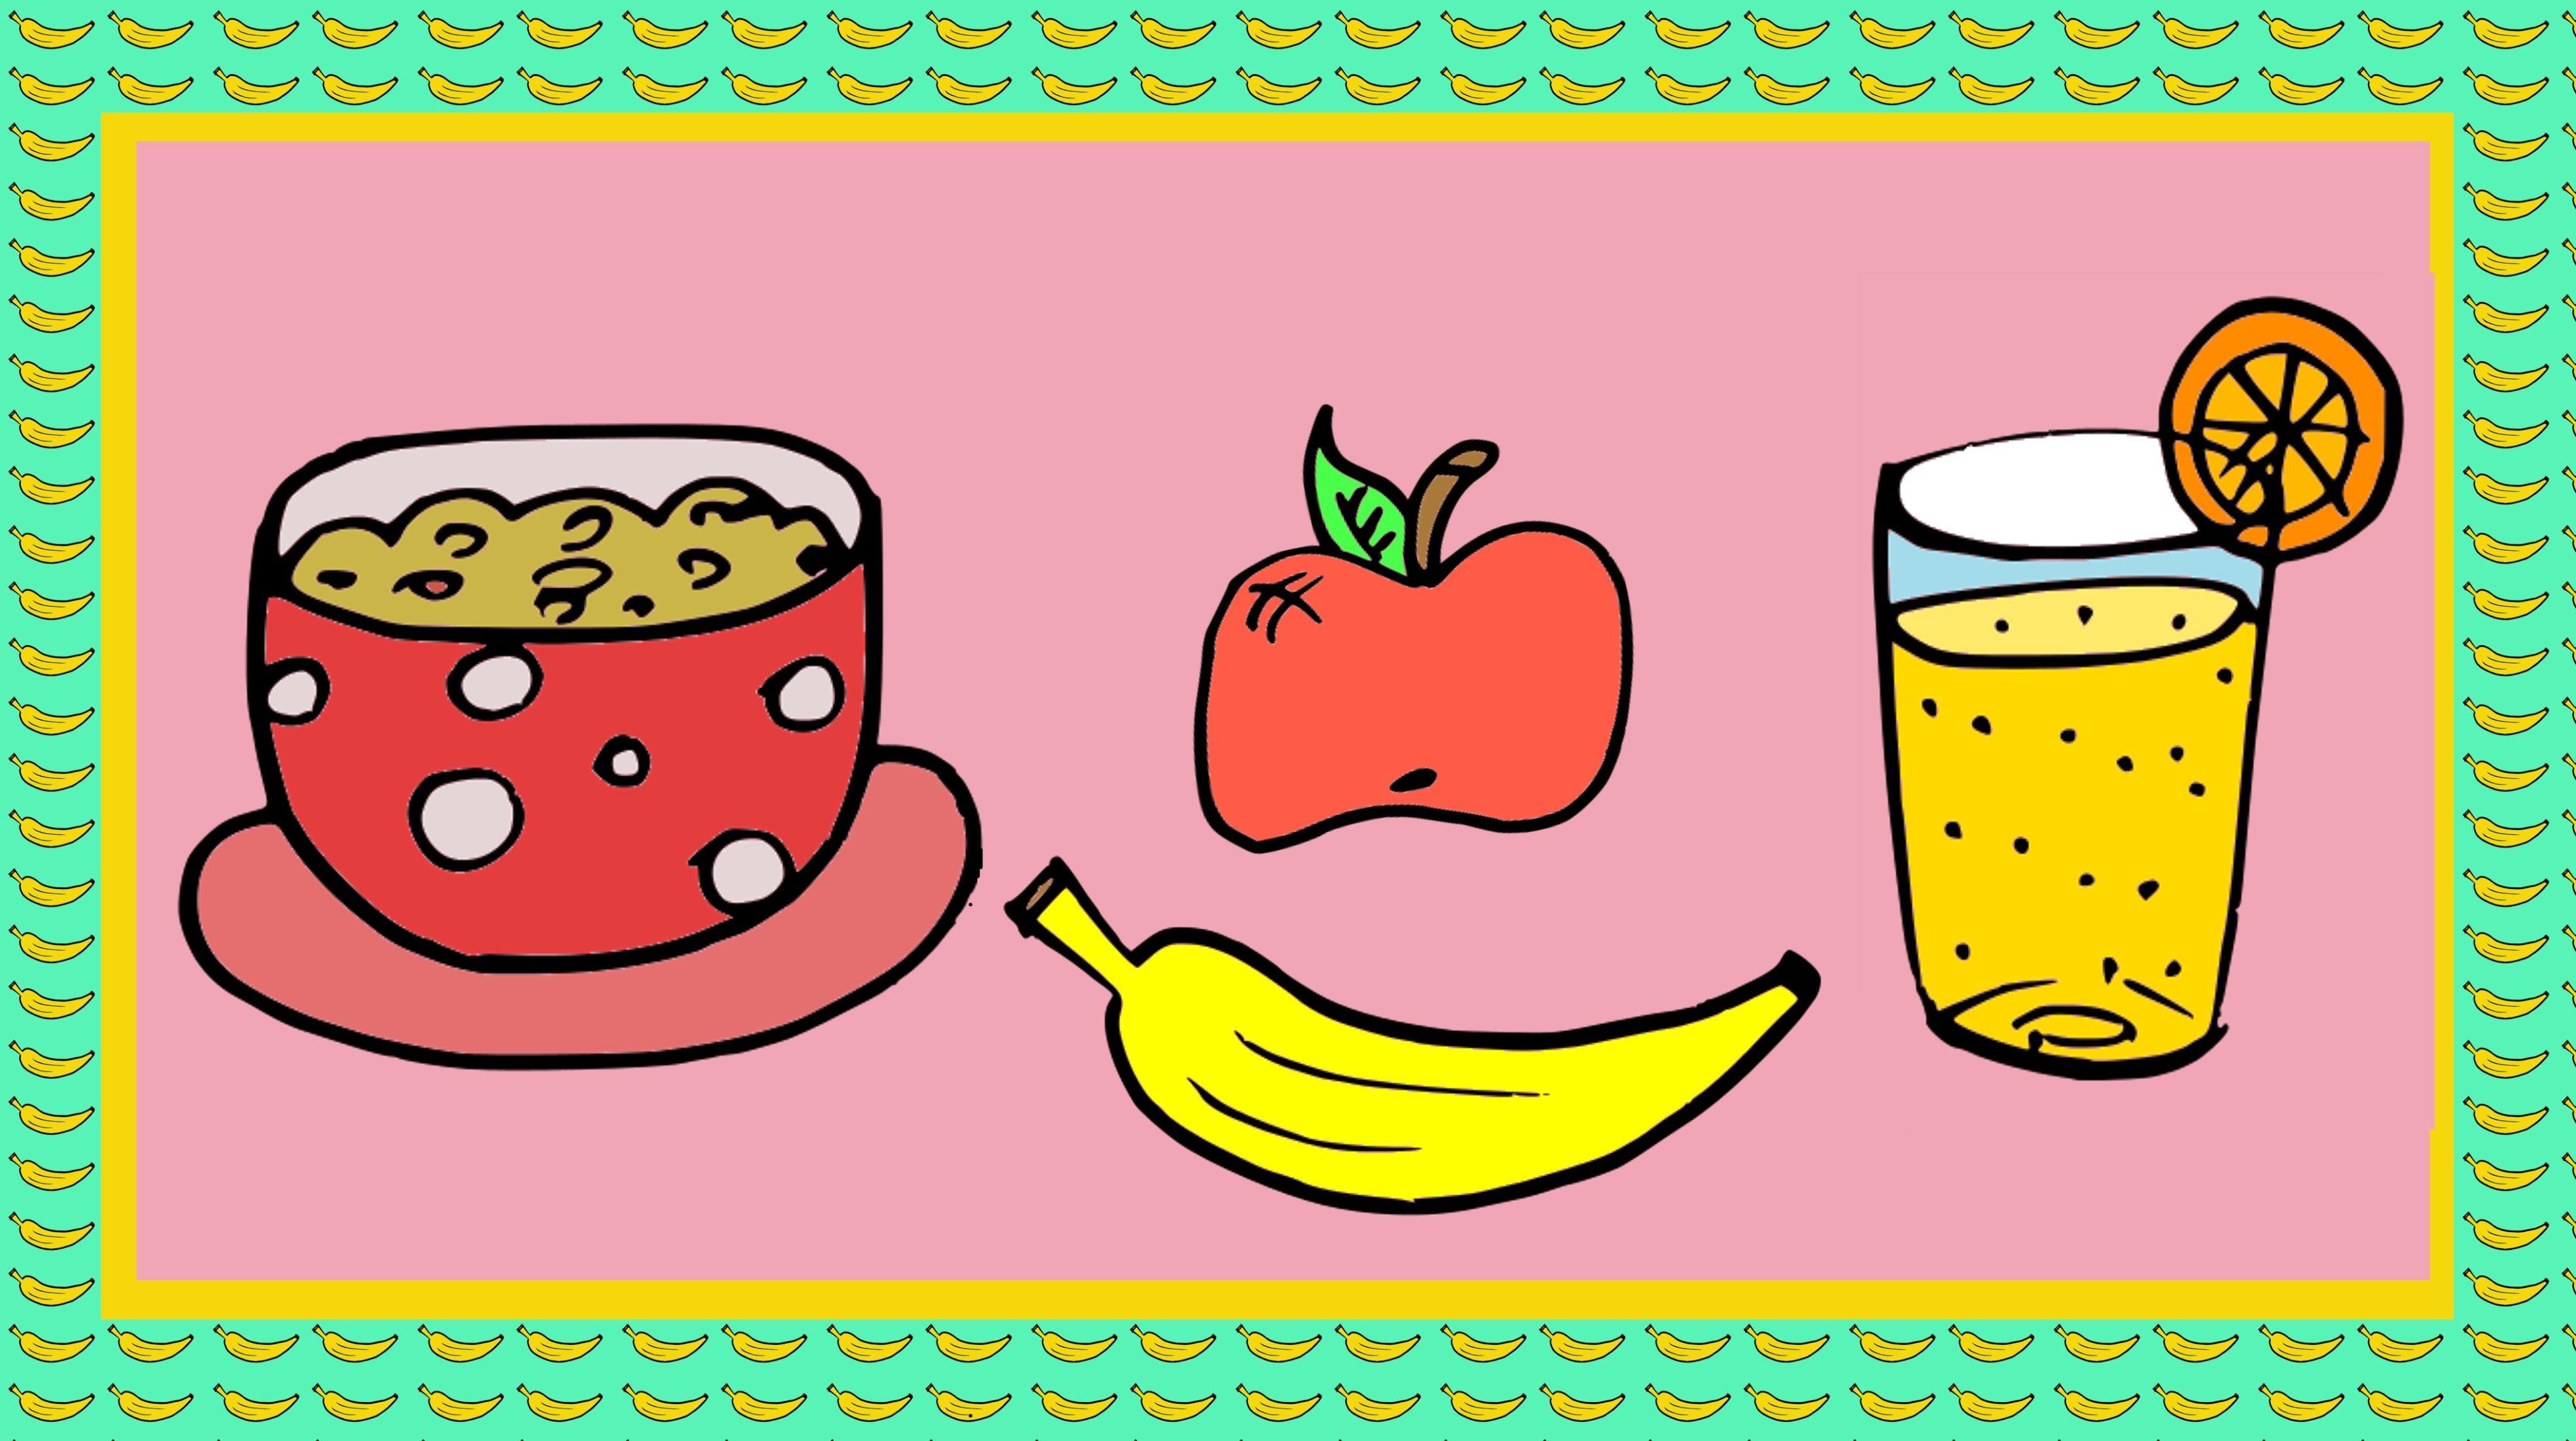 Essen im restaurant clipart graphic royalty free Im Restaurant - Lessons - Tes Teach graphic royalty free